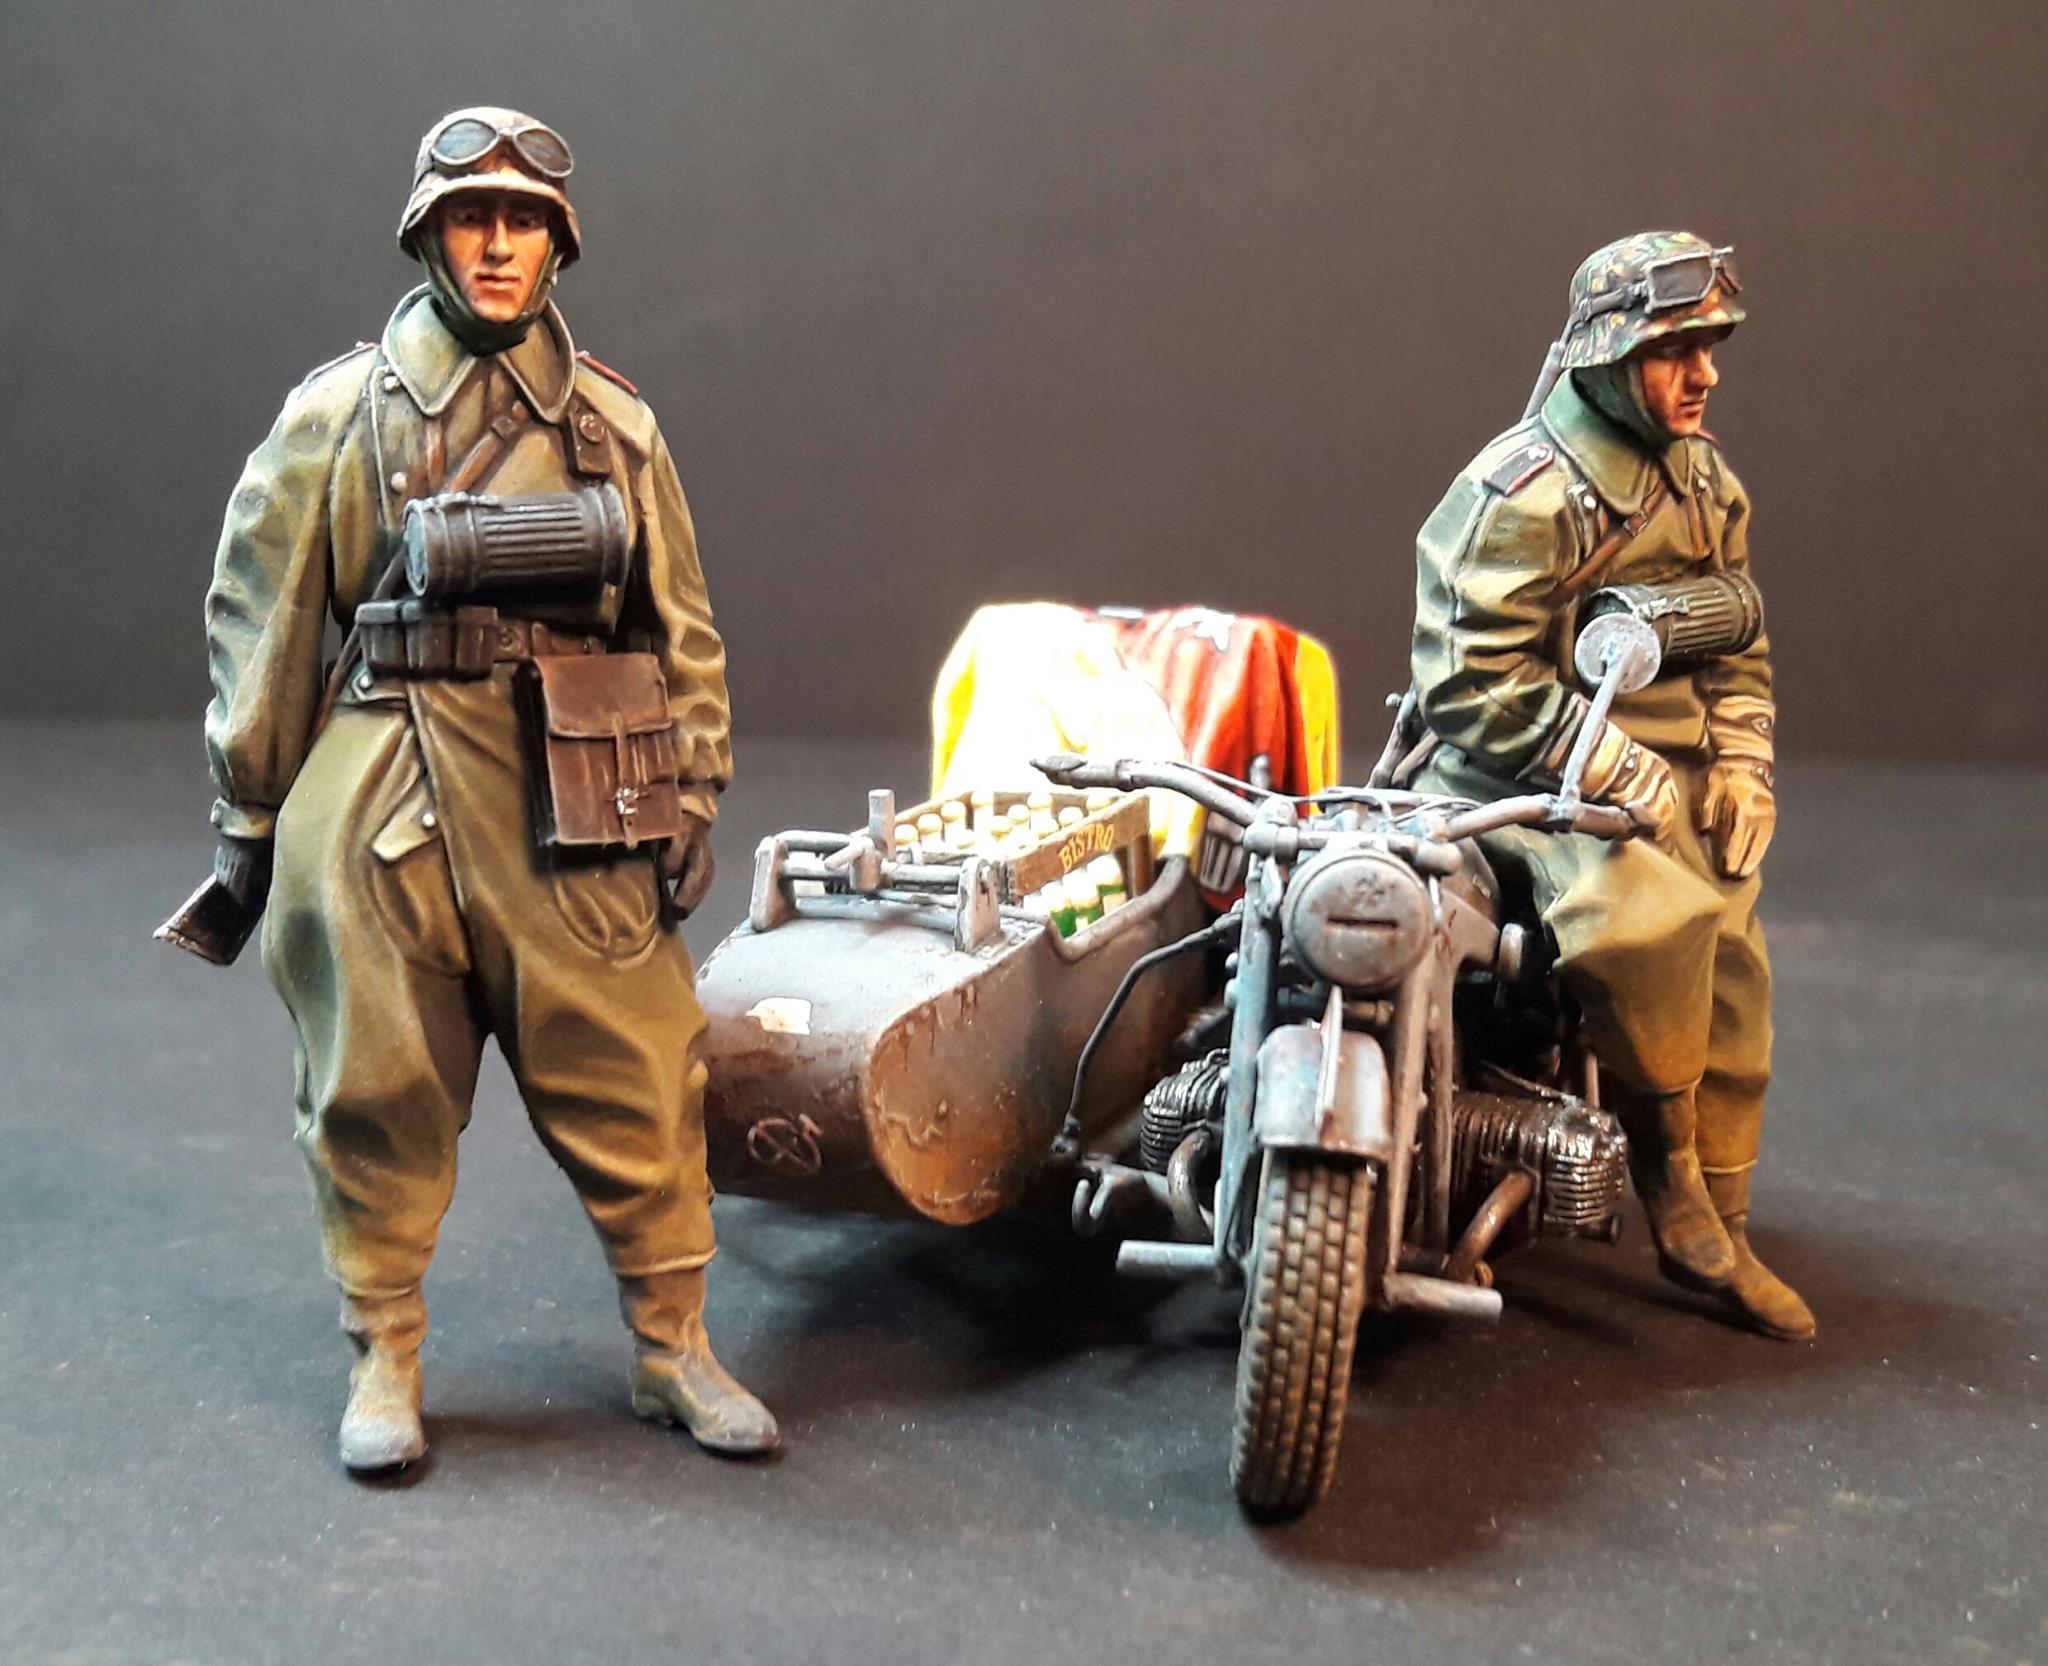 Zündapp KS750 - Sidecar - Great Wall Hobby + figurines Alpine - 1/35 - Page 5 8665092005028910211786806080149367313242o